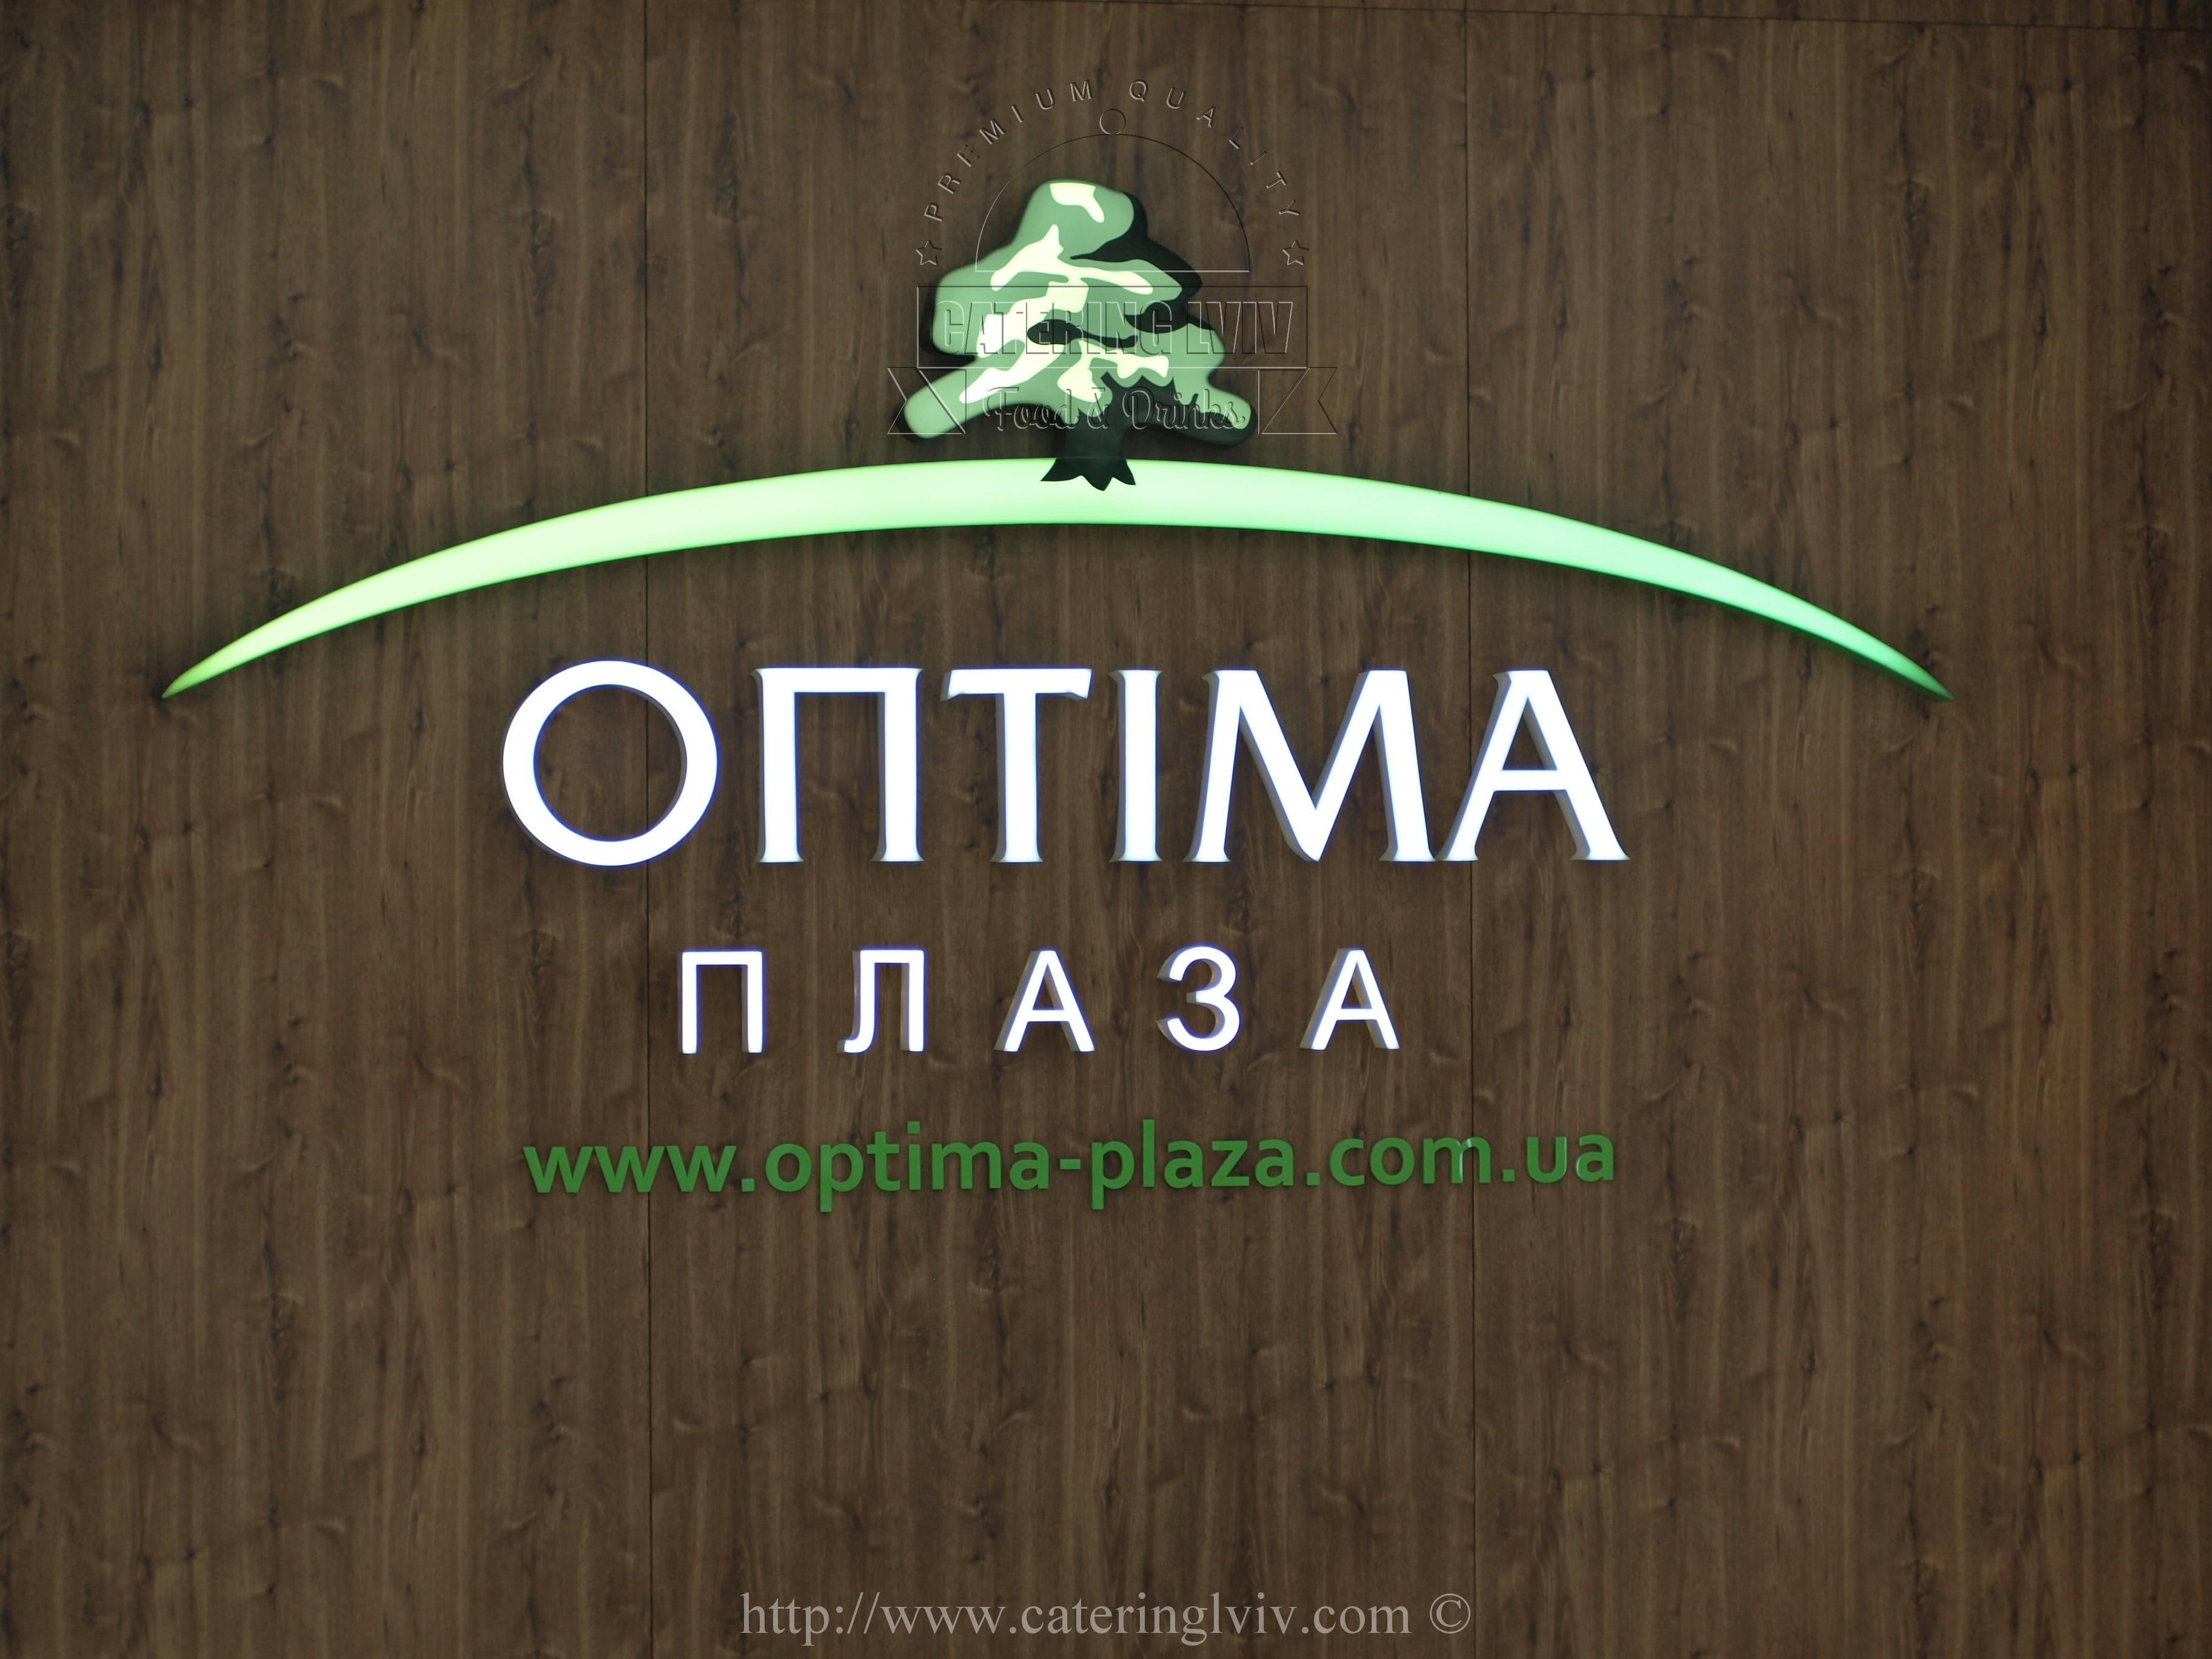 Кейтеринг Оптима Плаза Львів (1)